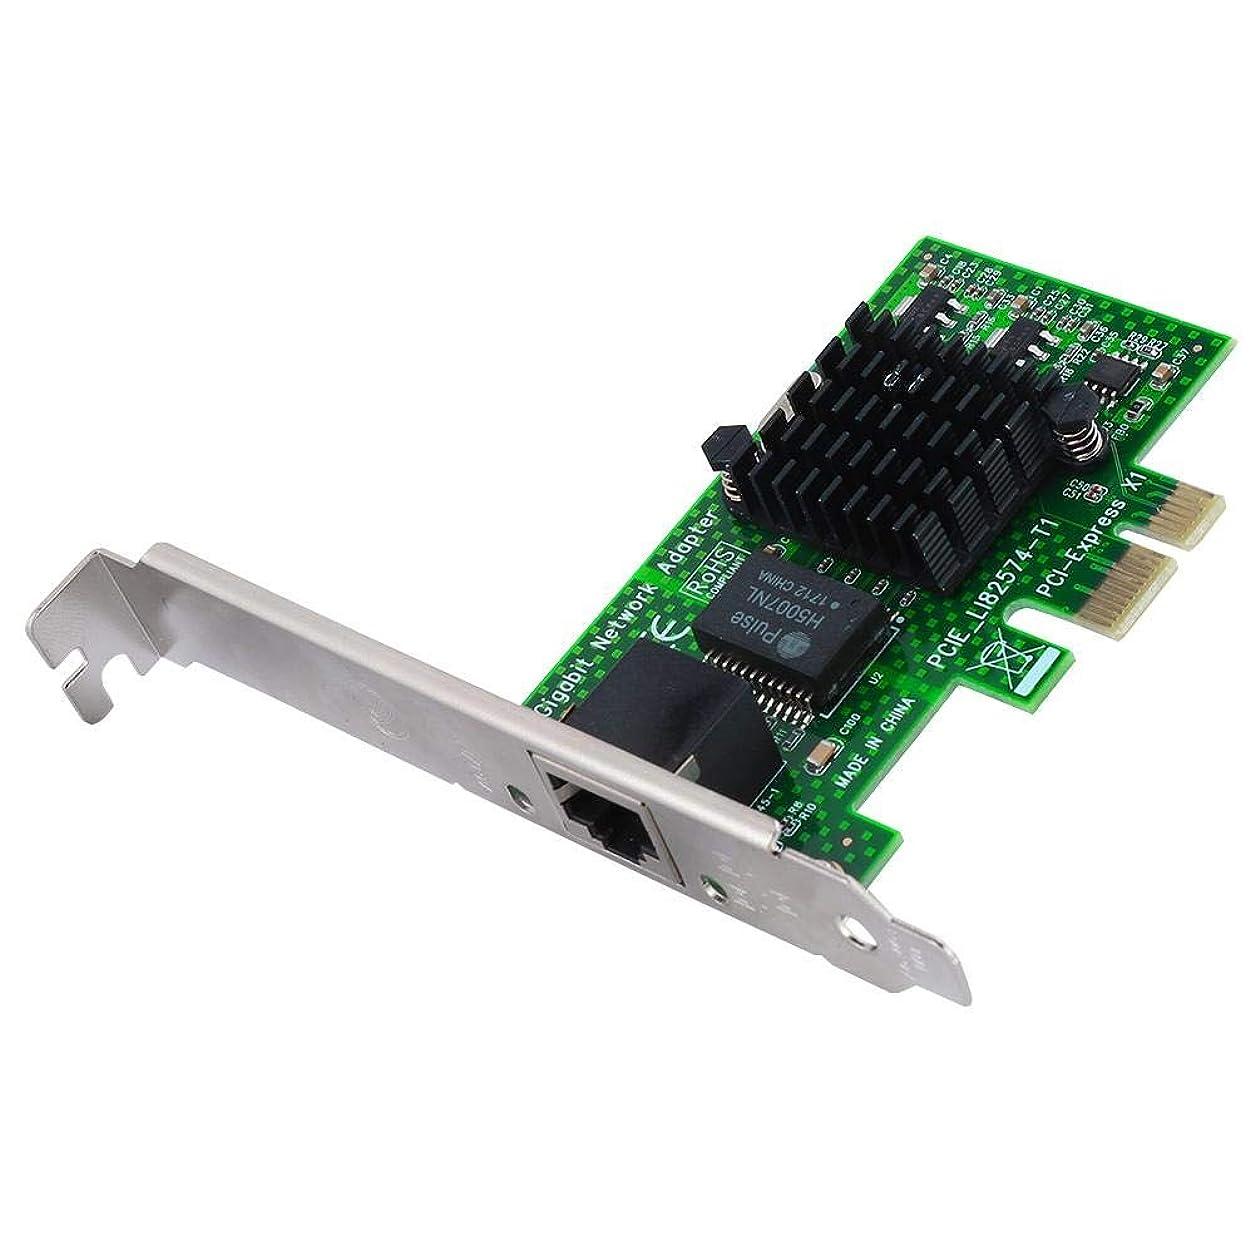 大いにボトルネック固体ASHATA デスクトップネットワークカード PCI-E ギガビットイーサネットネットワークカード Intelチップ用オリジナル採用 10/100/1000Mbpsネットワークカード ホーム/オフィス/サーバー用大型ヒートシンク